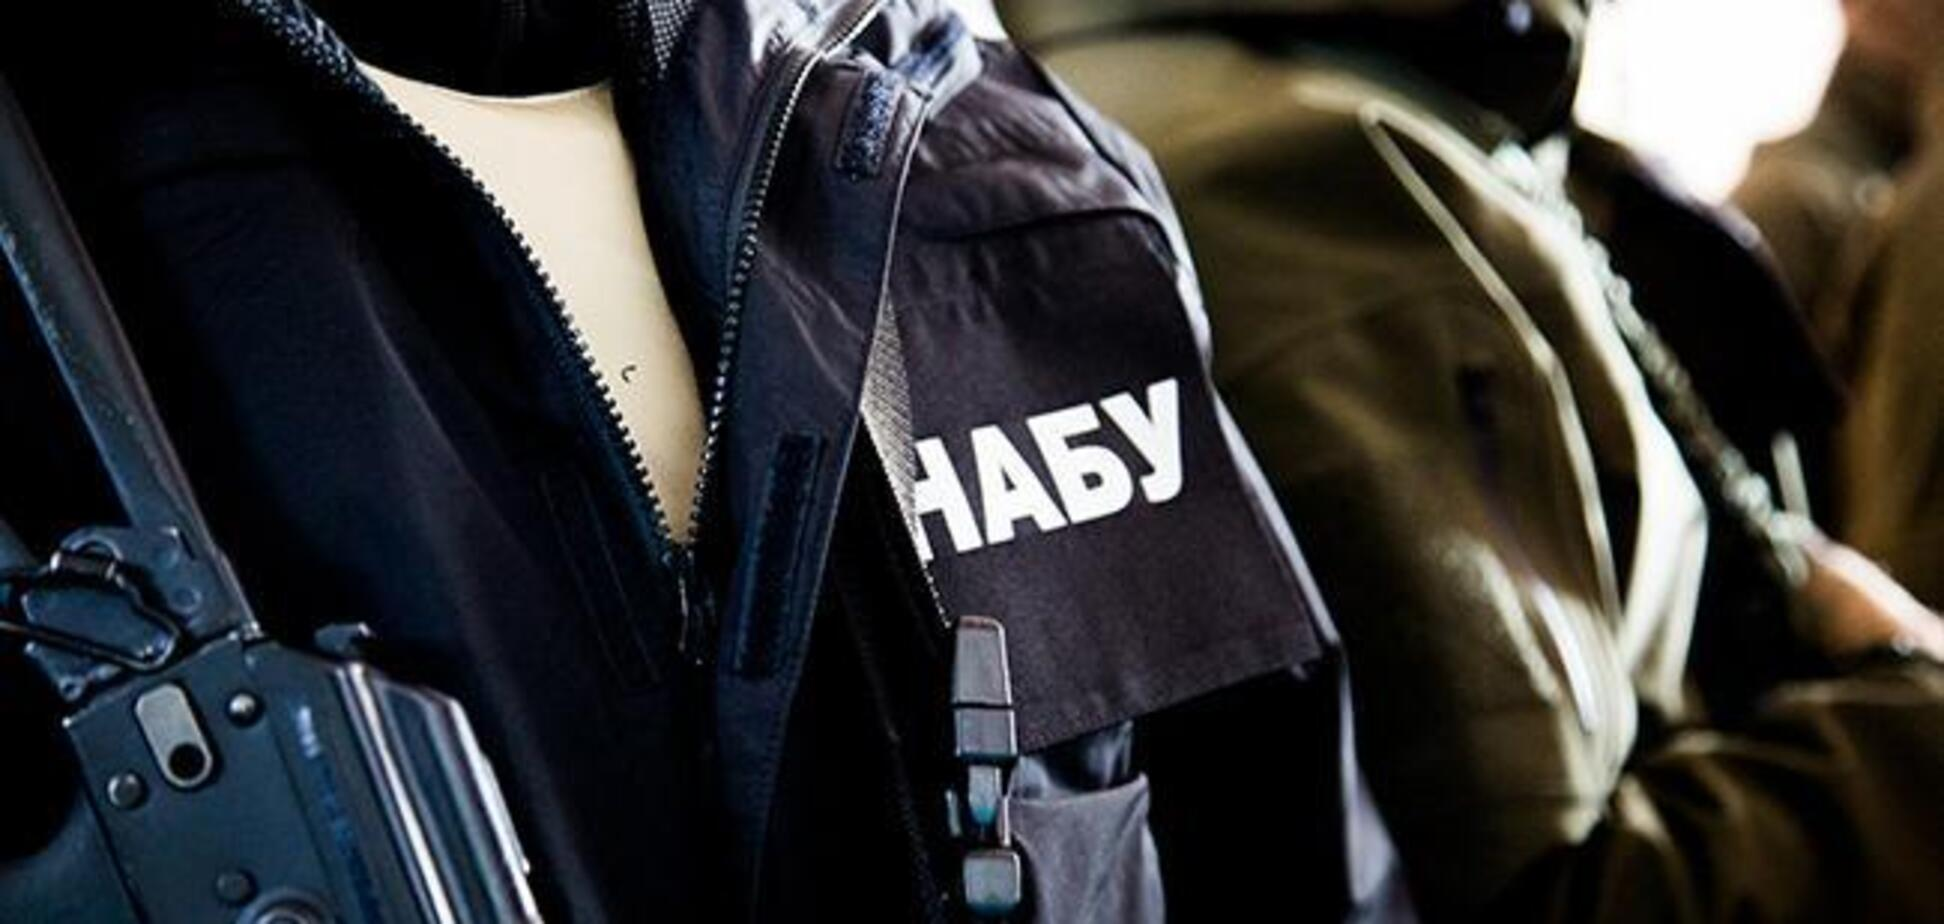 Углубили дно: НАБУ сообщила о подозрении бывшим главным портовикам Украины